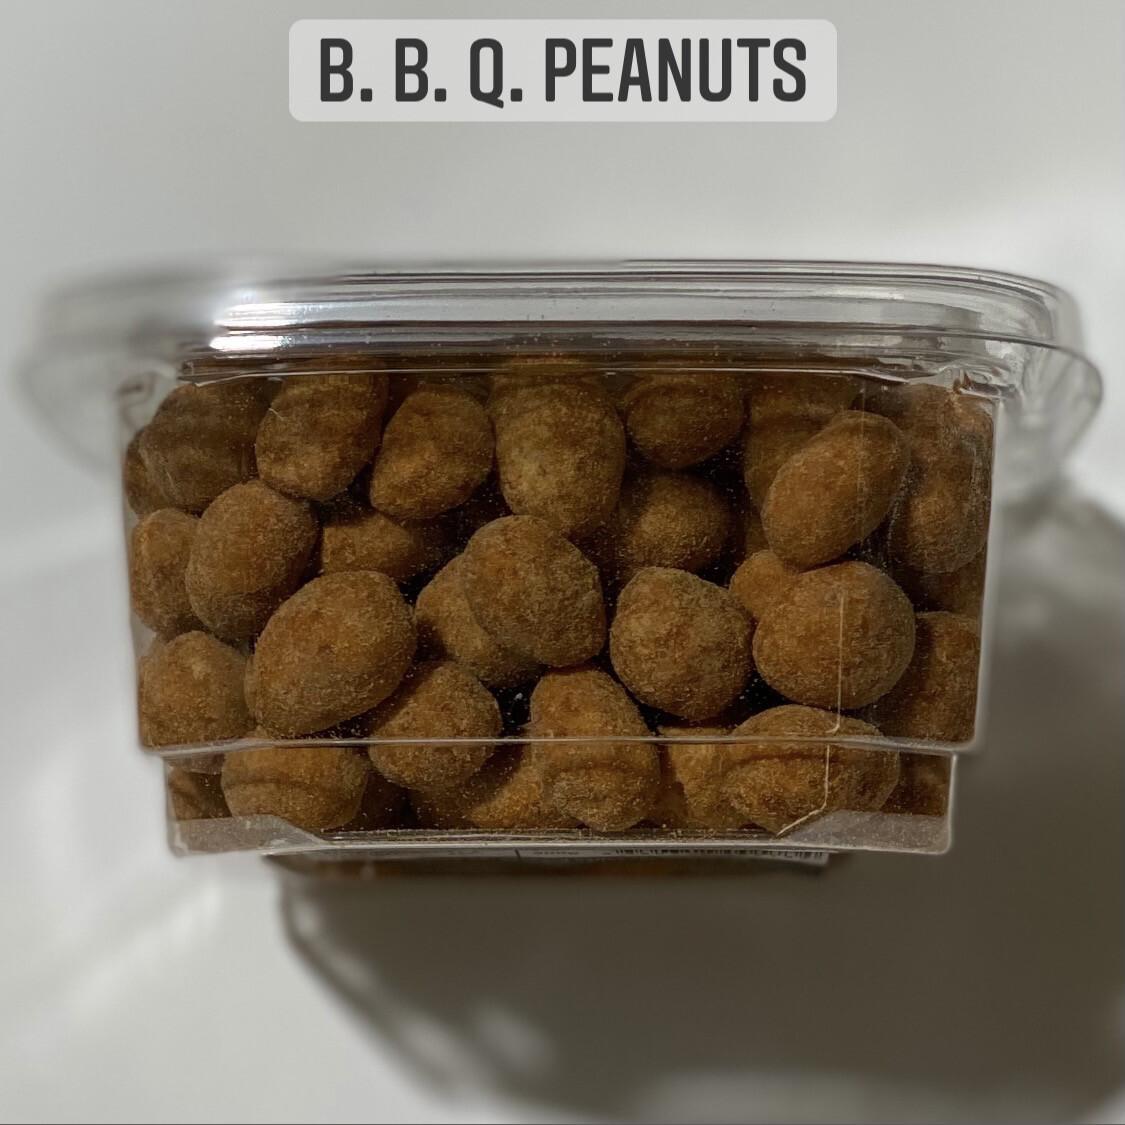 NEW - B.B.Q. PEANUTS